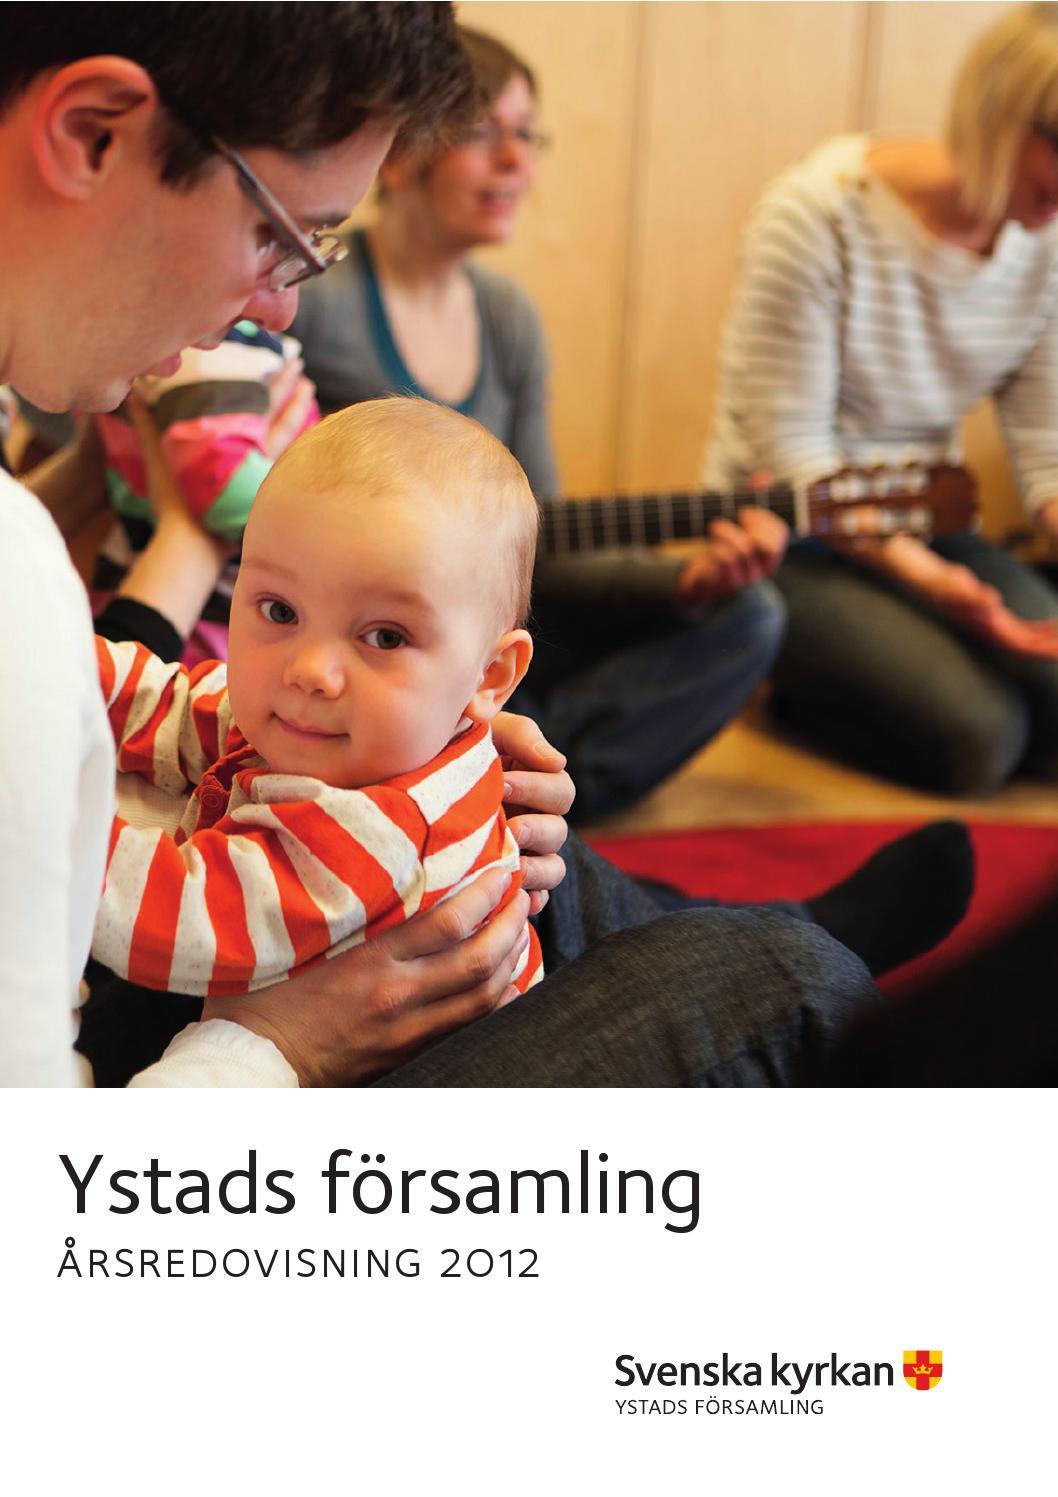 Kyrkobacksvgen 5 Skne ln, Ystad - patient-survey.net